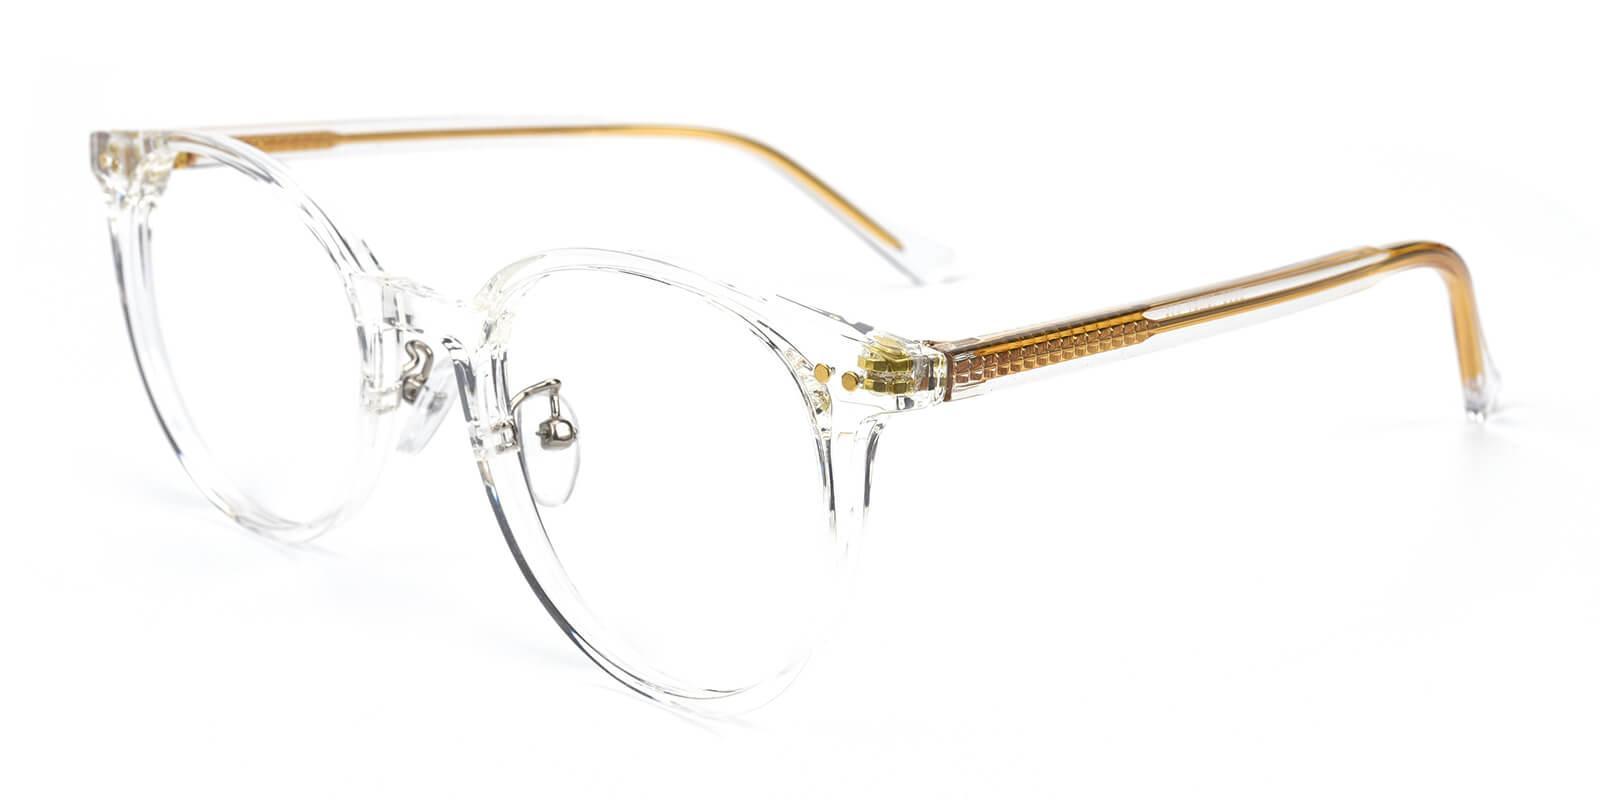 Freak-White-Round-Acetate-Eyeglasses-detail